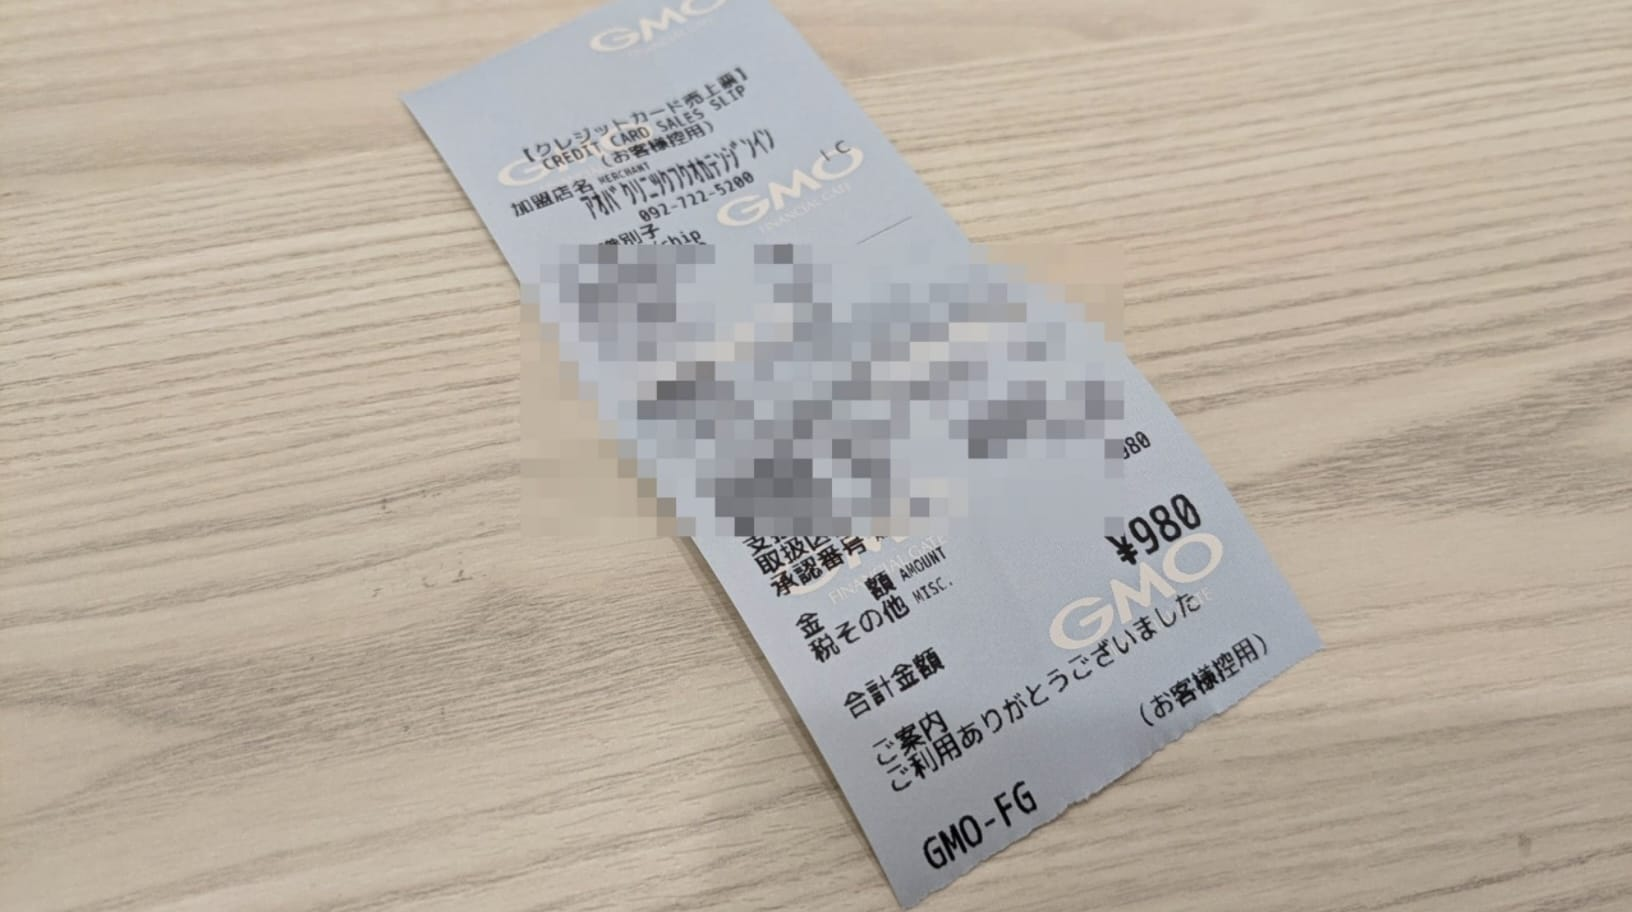 あおばクリニック体験ヒゲ脱毛980円のレシート